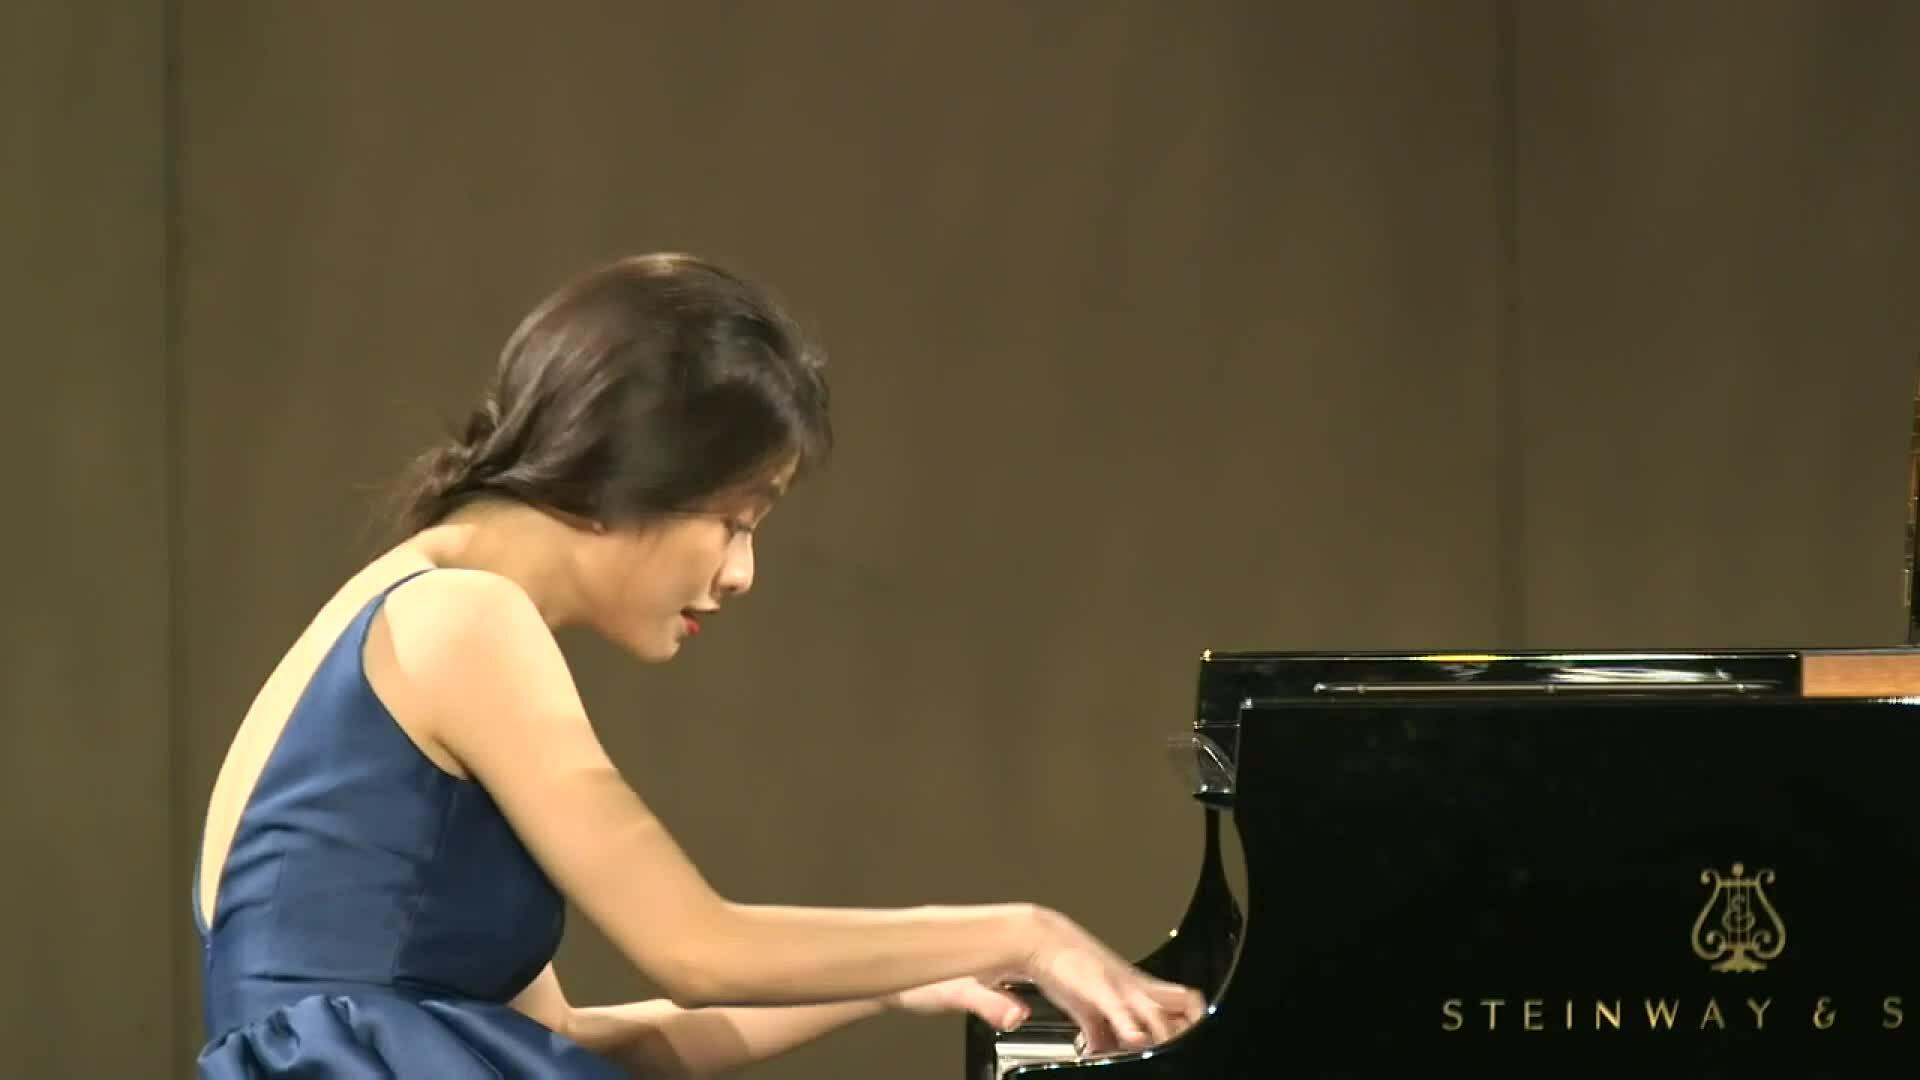 Nghệ sĩ trẻ diễn nhạc giao hưởng làm từ thiện